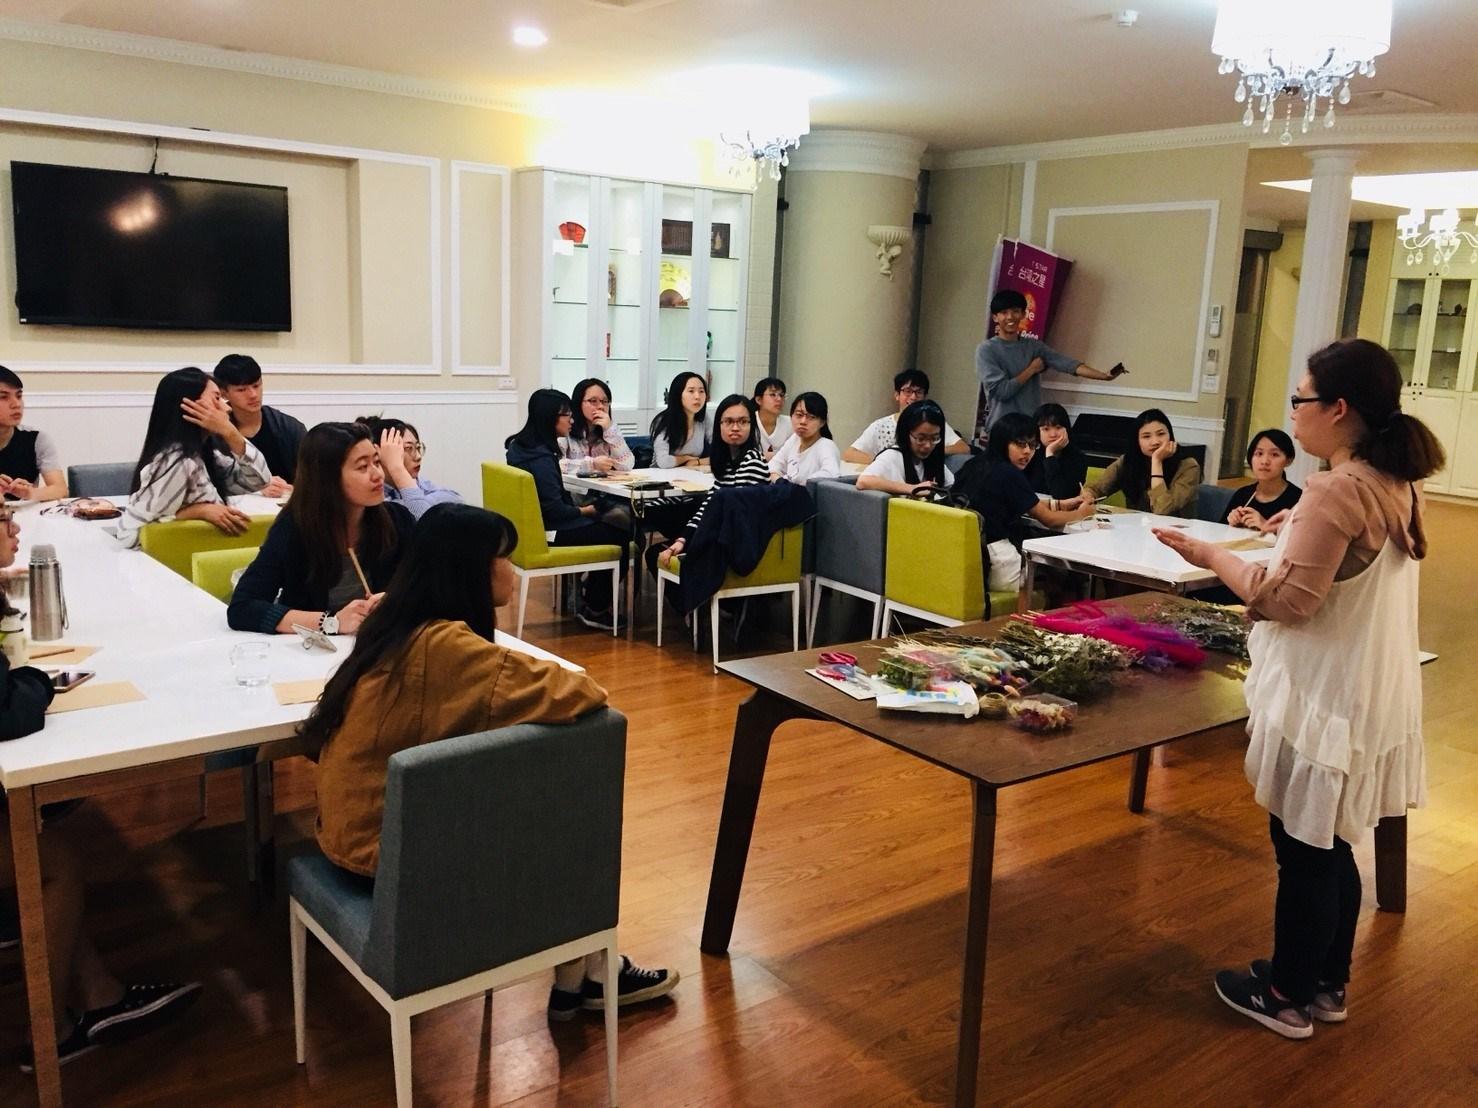 秋林信貞全球交誼廳不定期舉辦跨國文化交流活動,希望讓境外學生有回到「家」的感覺.jpg